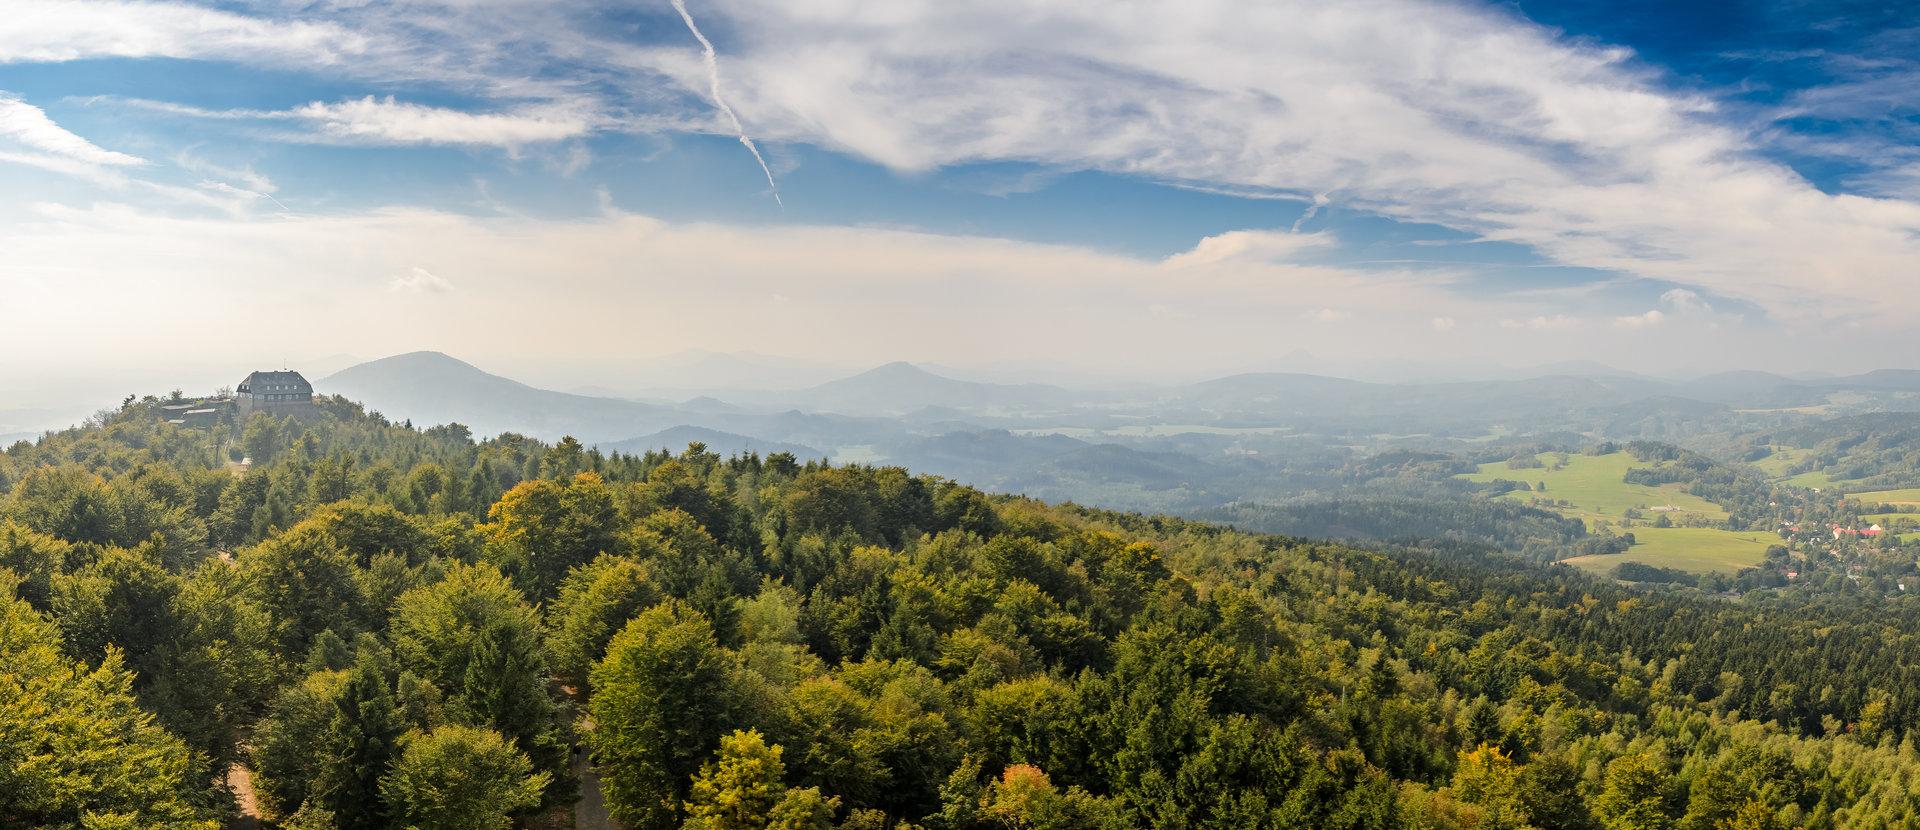 Oberlausitzer Bergweg Zu Fuß auf dem Qualitätswanderweg